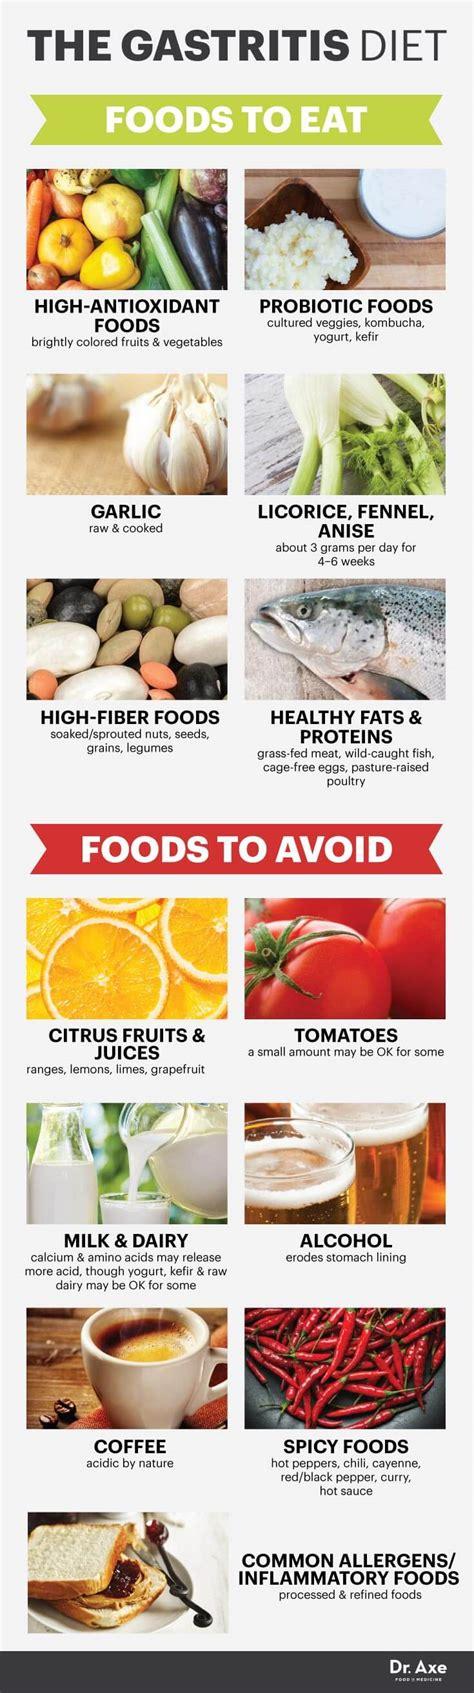 h pylori vegetables gastritis diet treatment plan dr axe